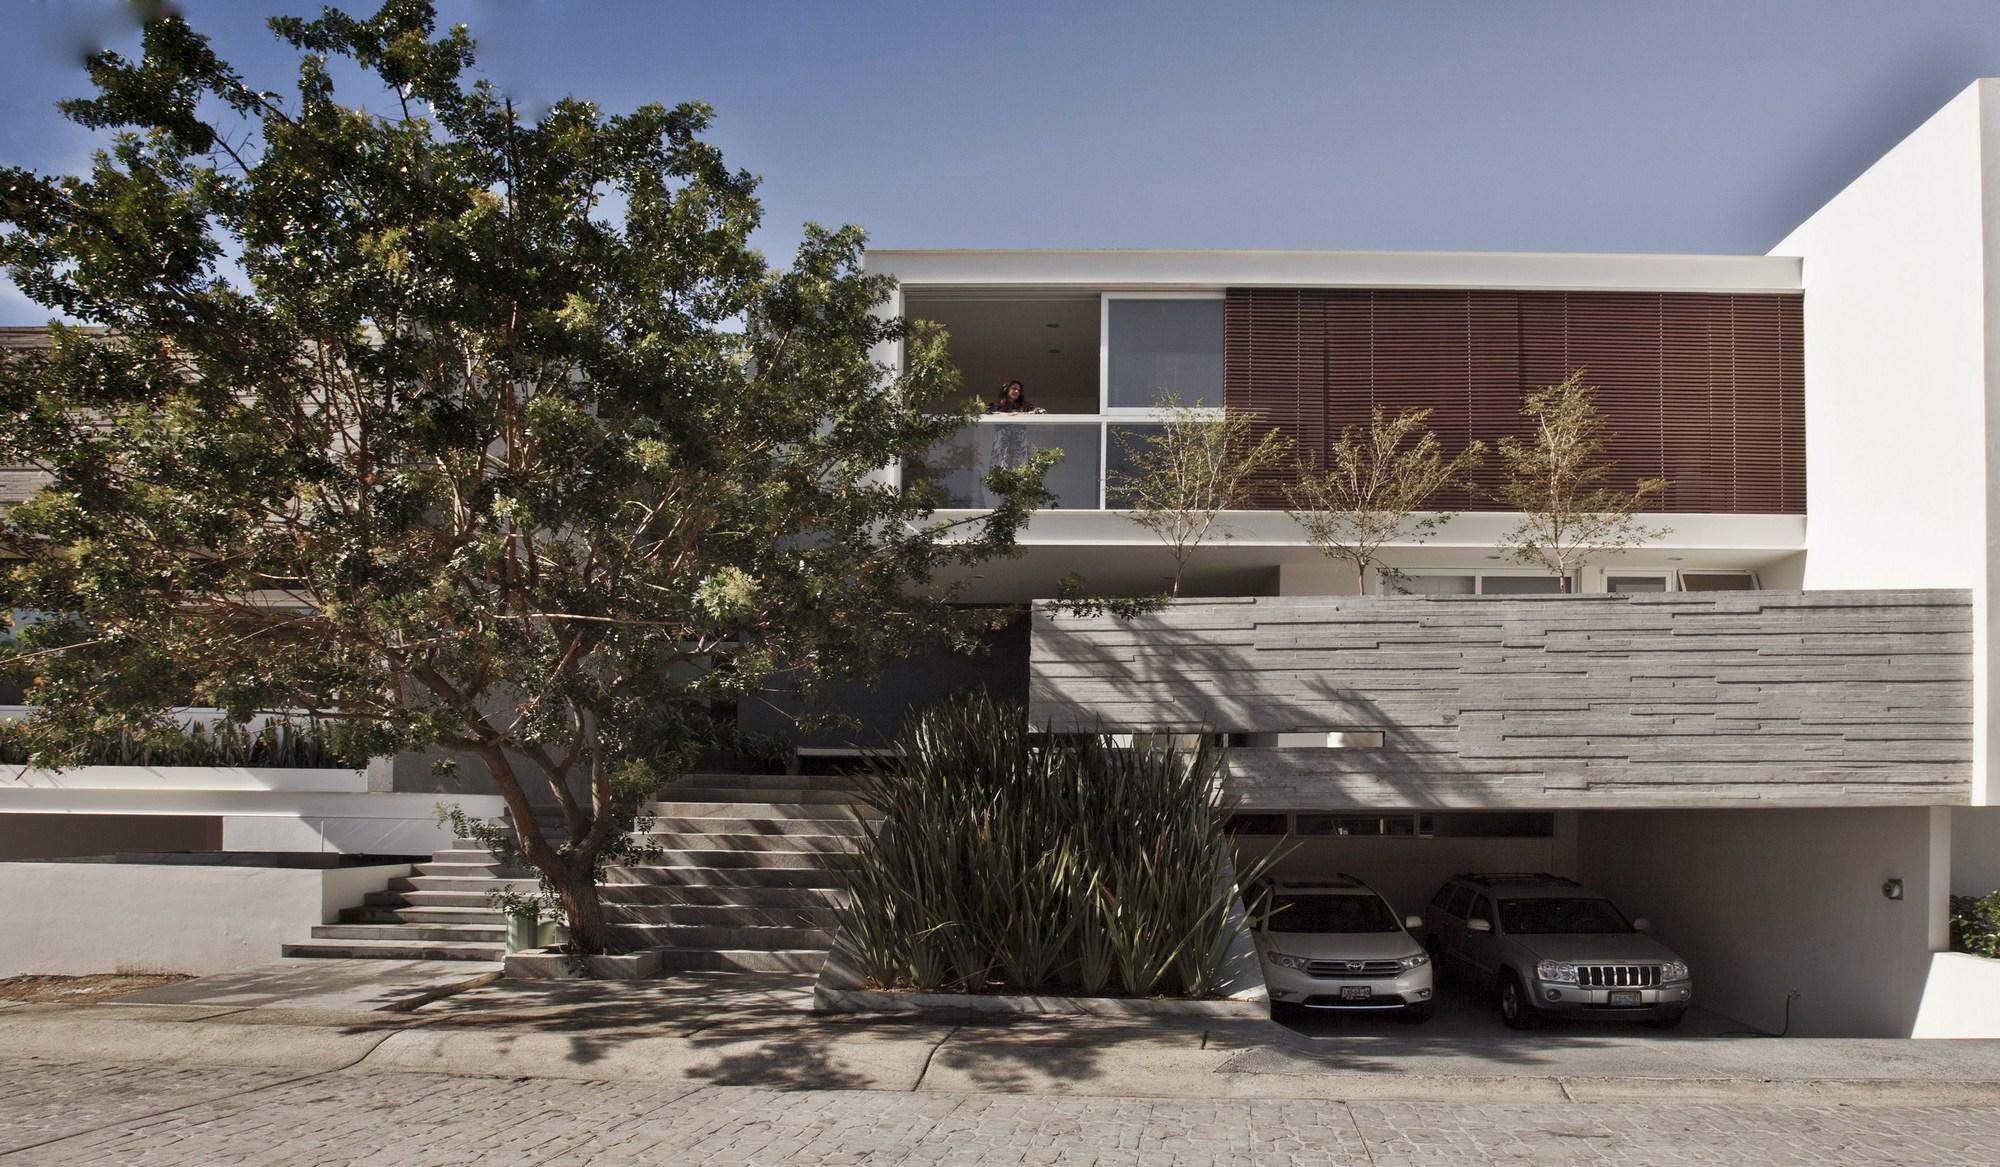 Palmas seis house pomc arquitecto archdaily for Casa design manzano